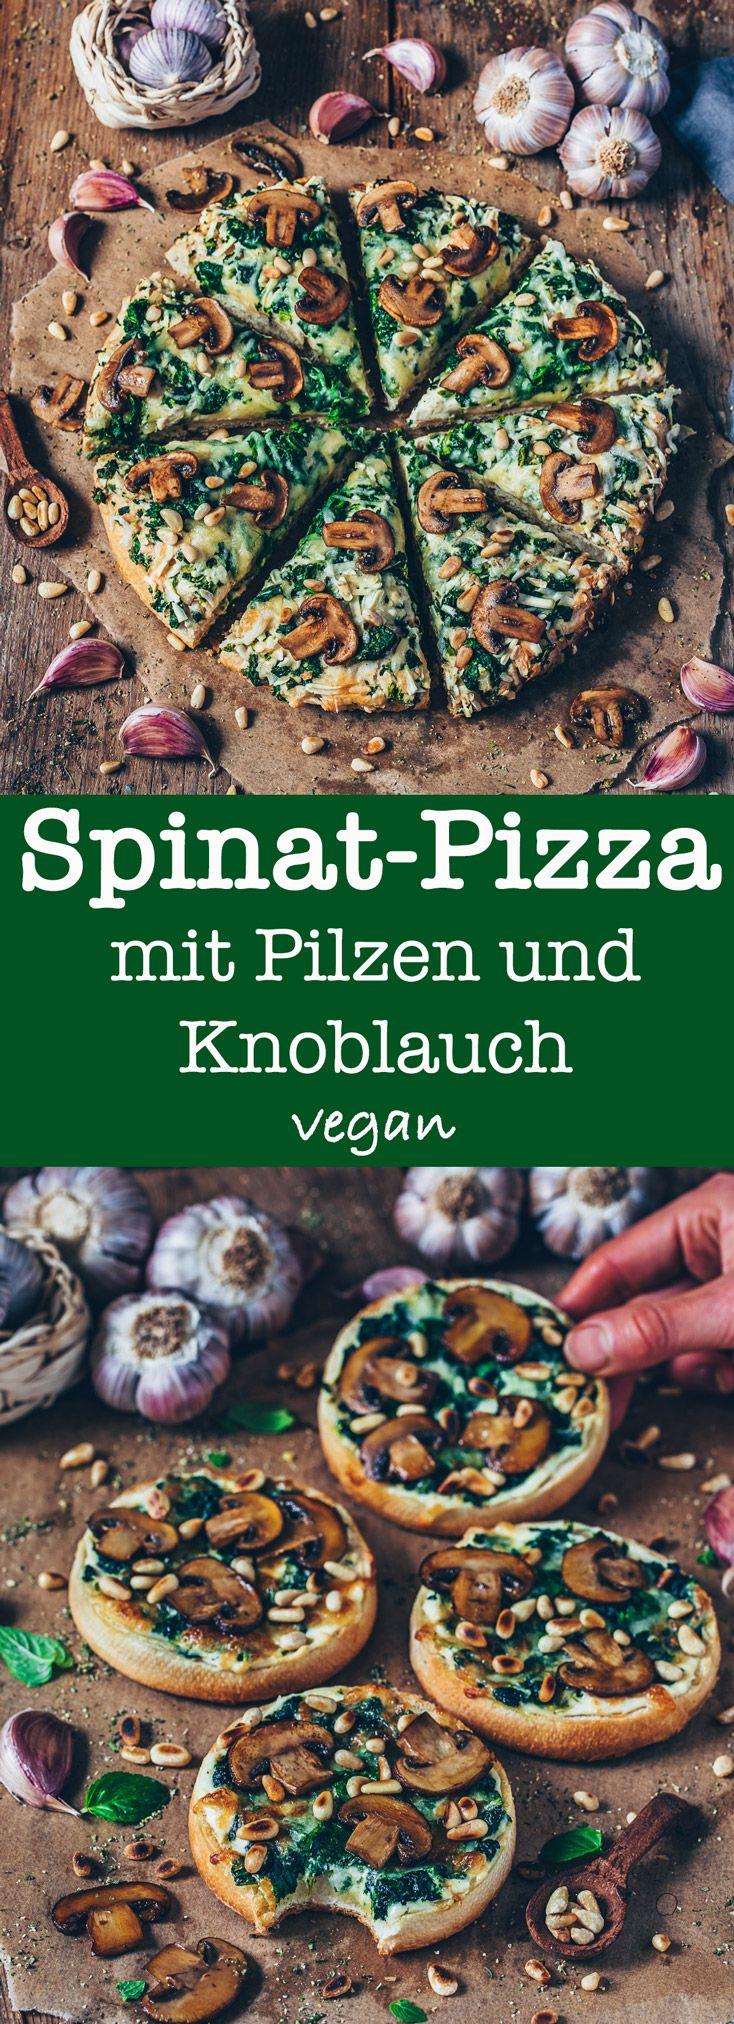 Spinat-Pizza mit Pilzen und Knoblauch (vegan) – Bianca Zapatka | Rezepte